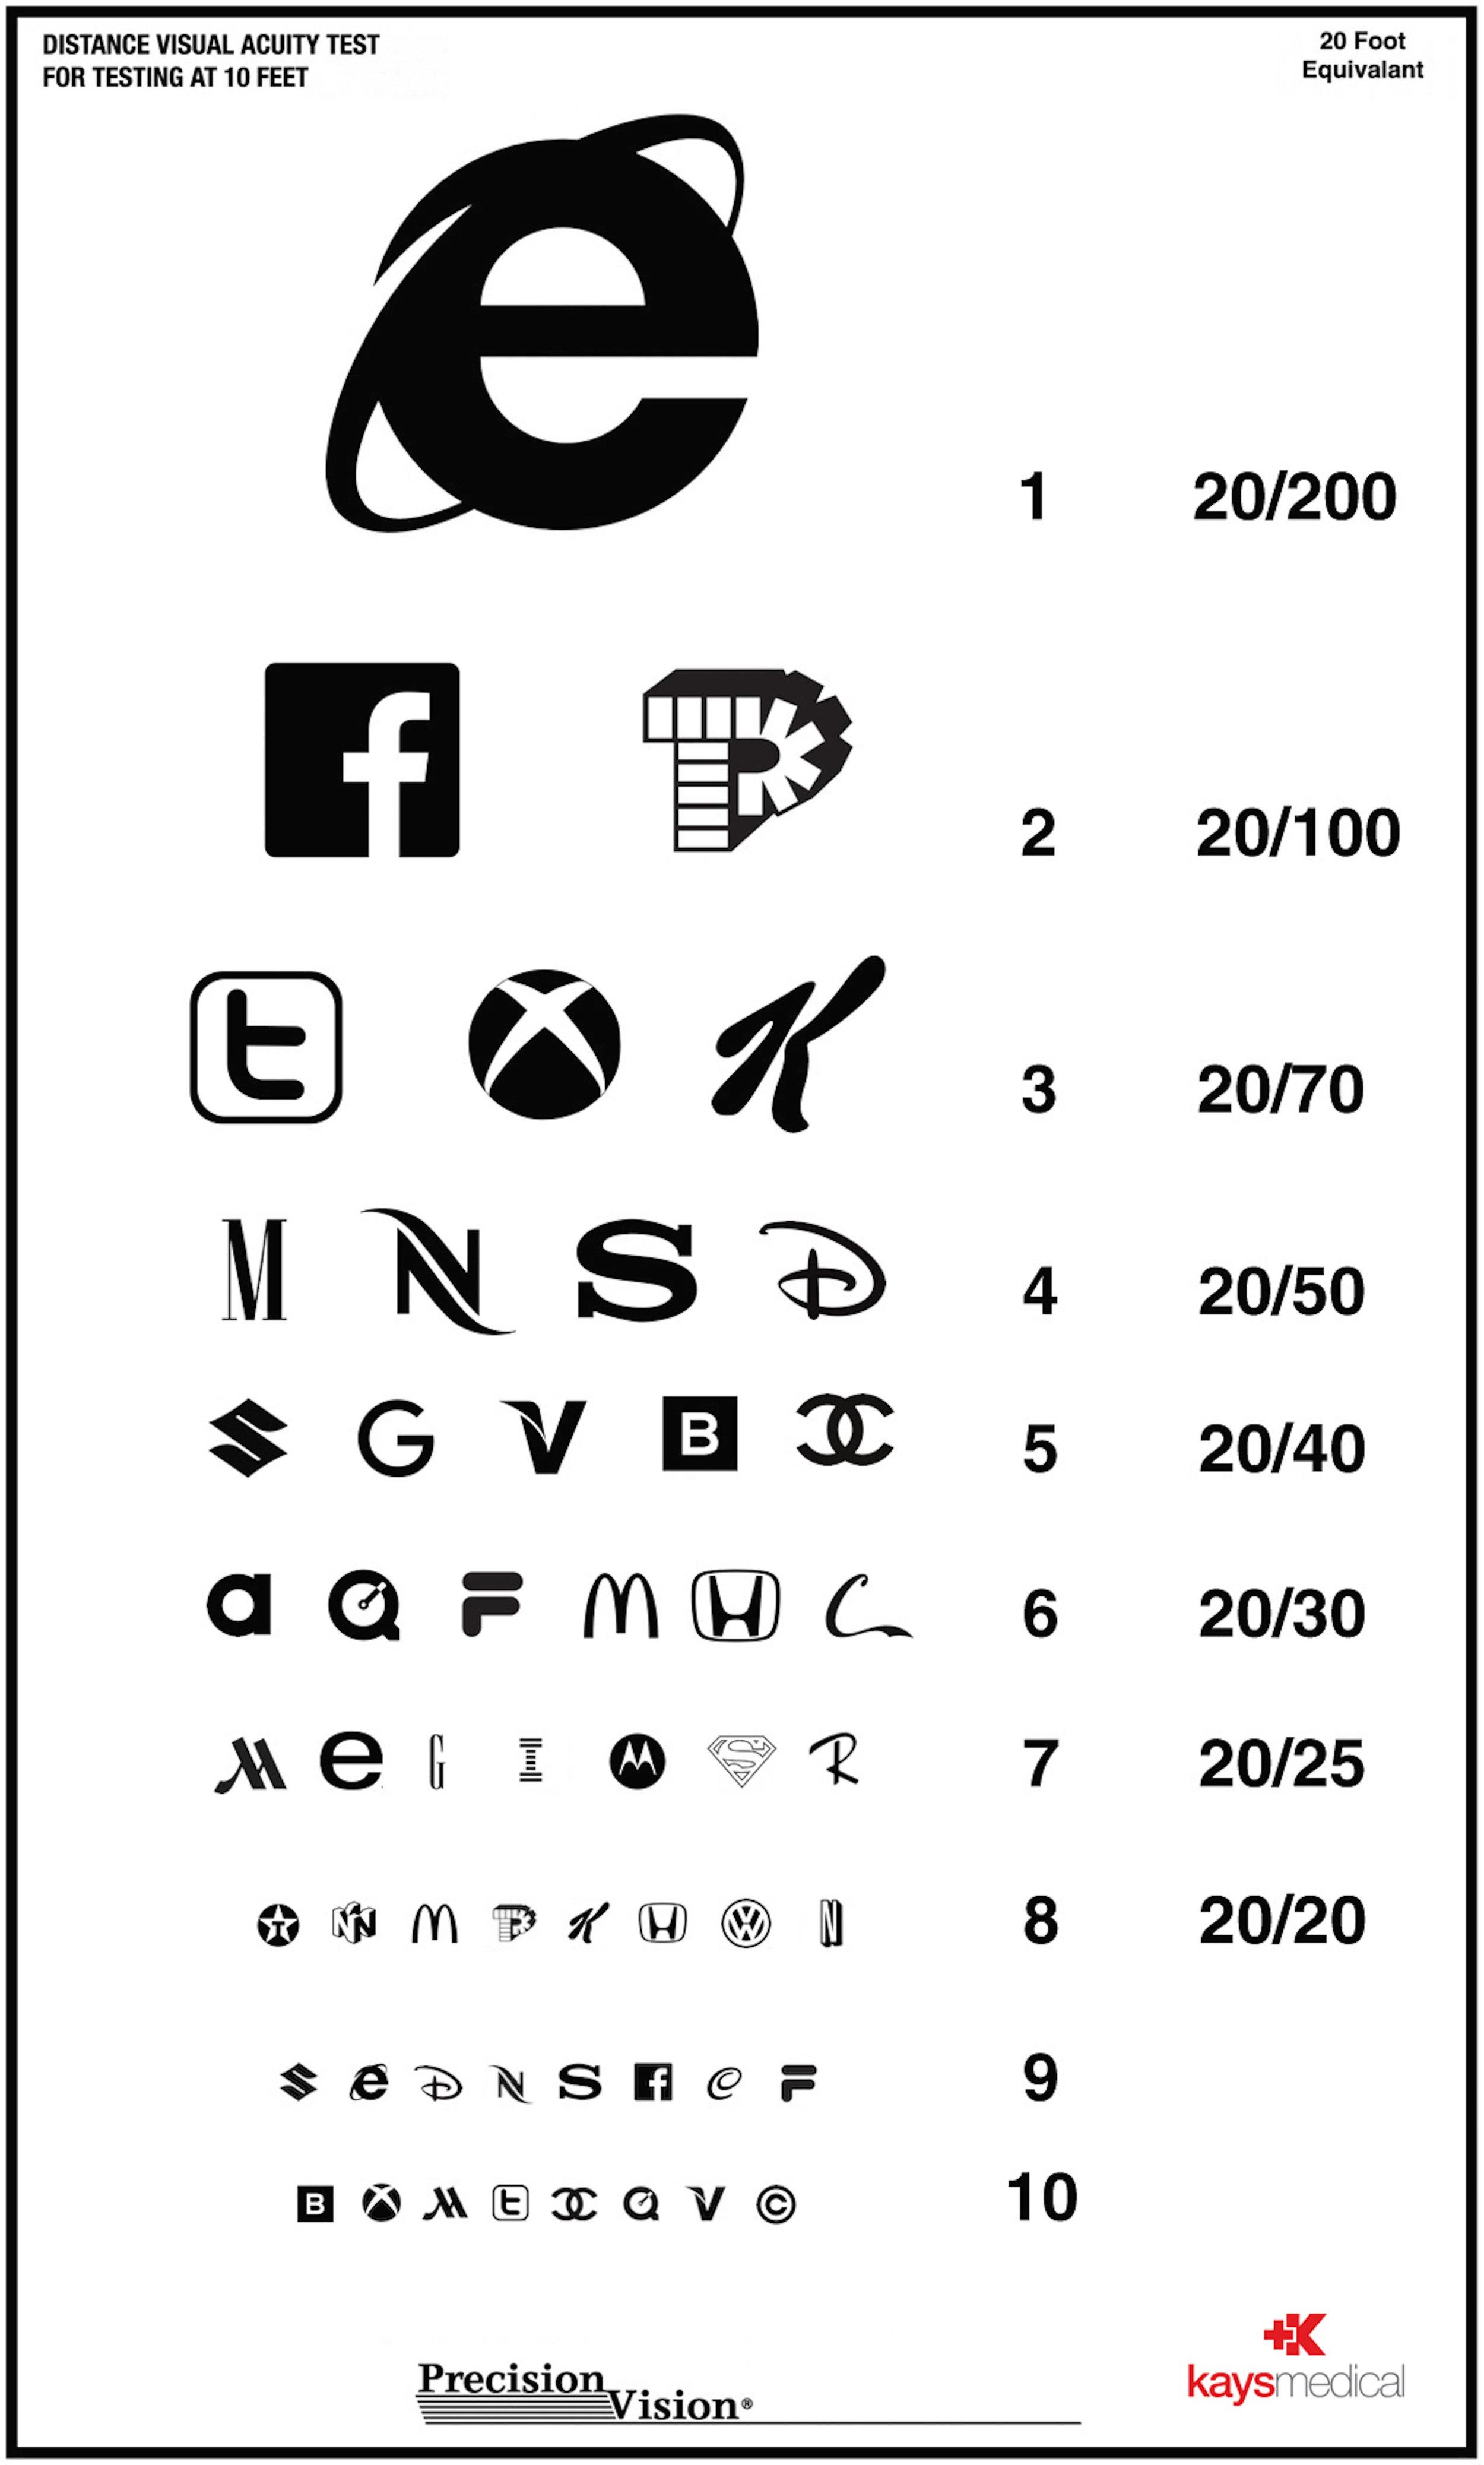 Brand New Vision, Hayden Kays